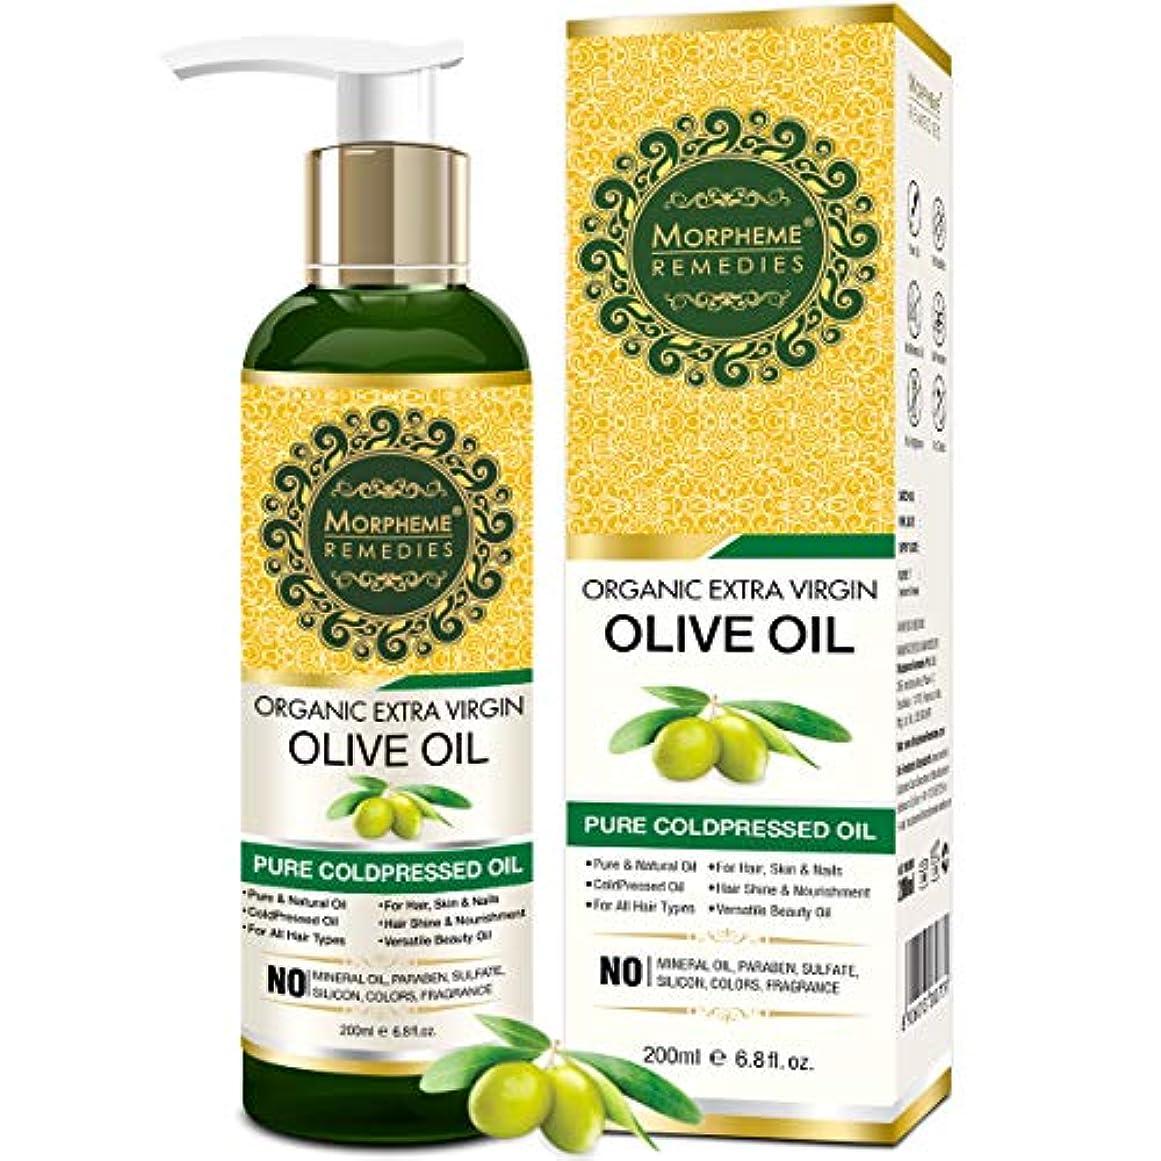 麻痺させるいとこ保育園Morpheme Remedies Organic Extra Virgin Olive Oil (Pure ColdPressed Oil) For Hair, Body, Skin Care, Massage, Eyelashes...